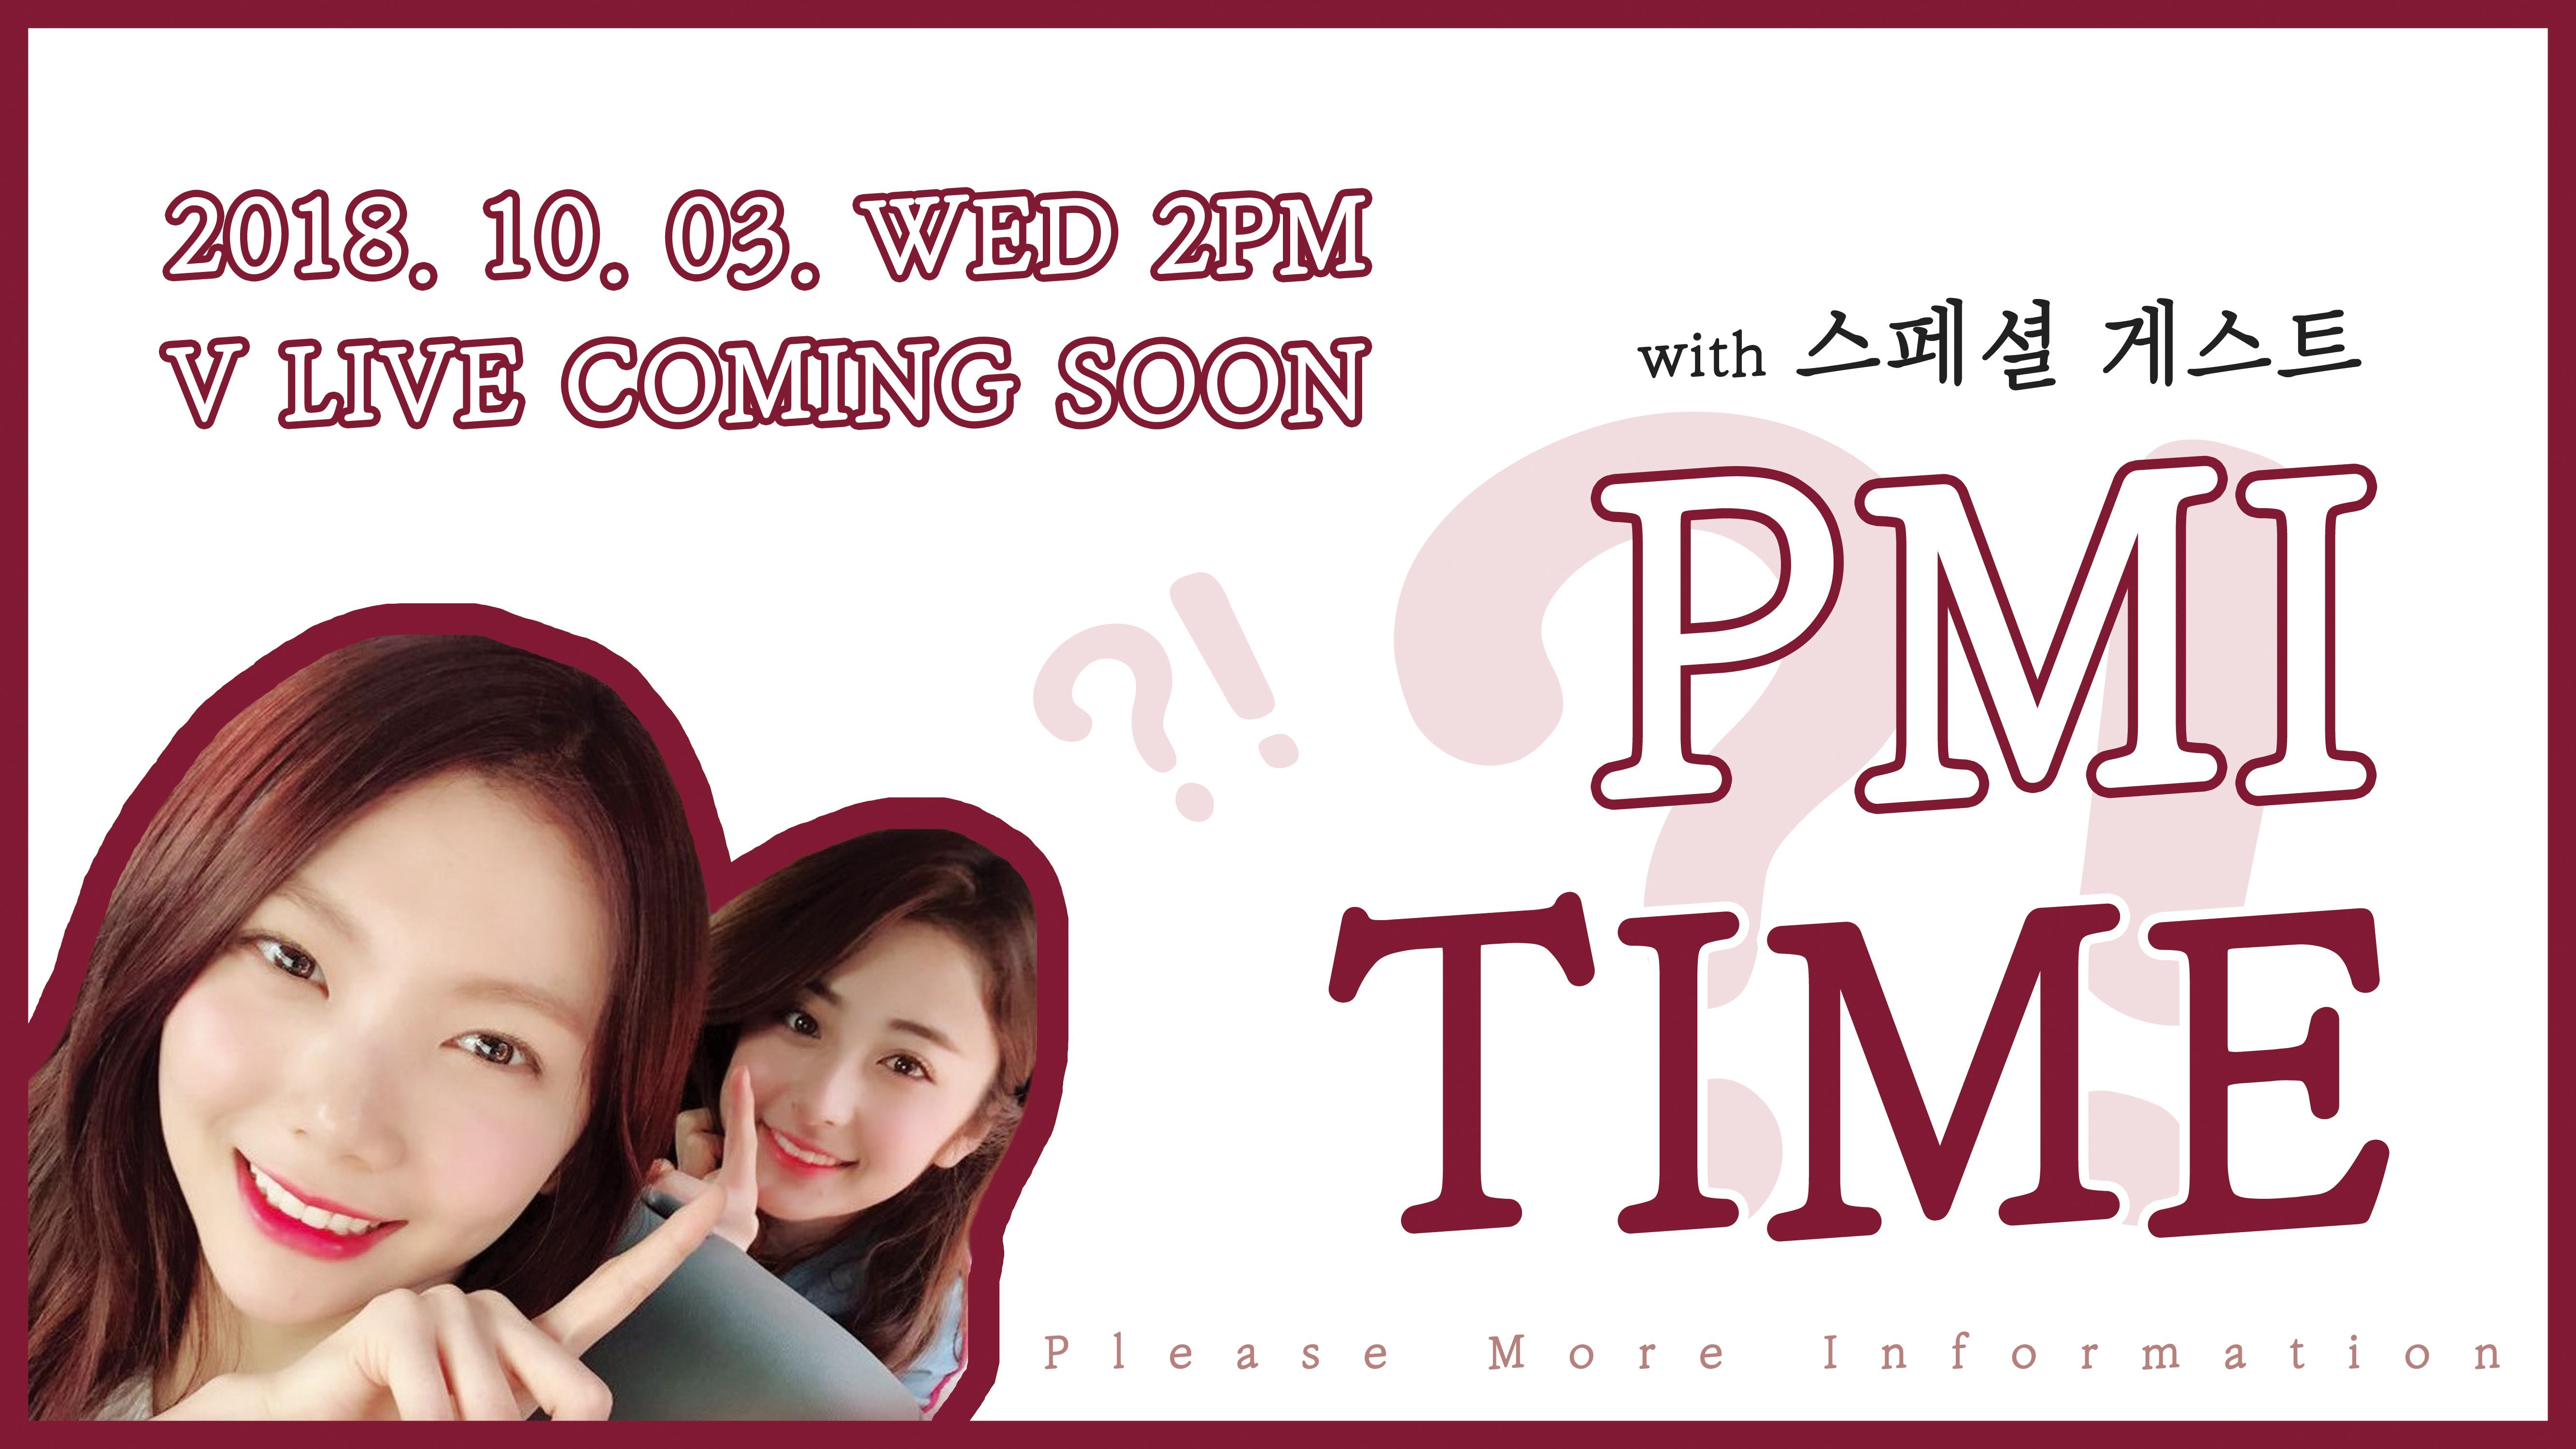 [가은/윤진] 기린즈의 PMI TIME! (with 스페셜 게스트)